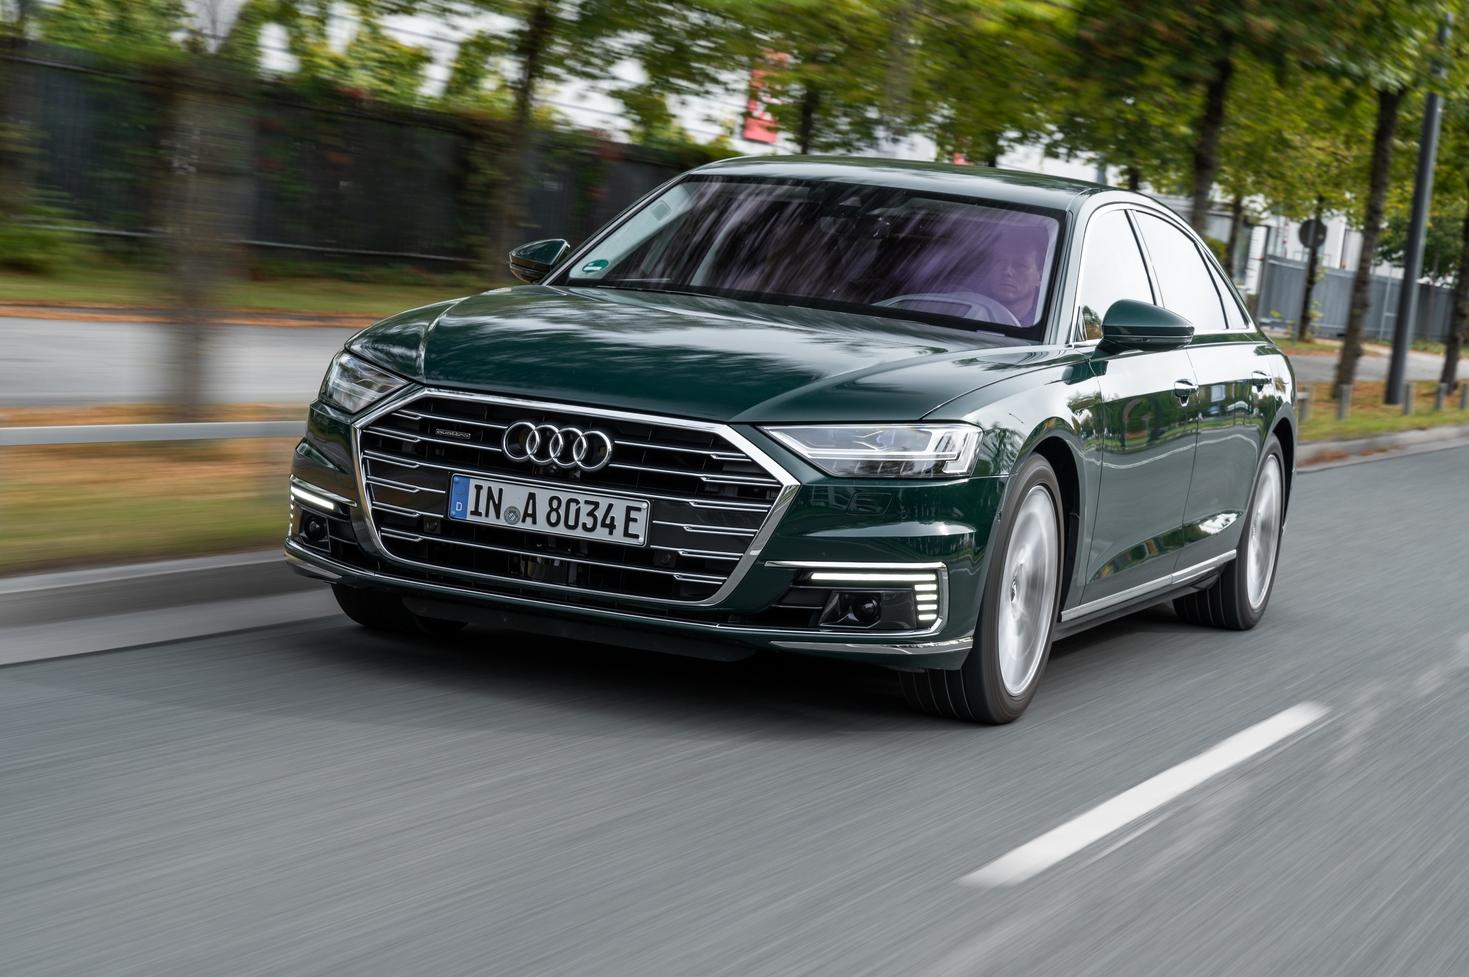 Kelebihan Kekurangan Audi 18 Review